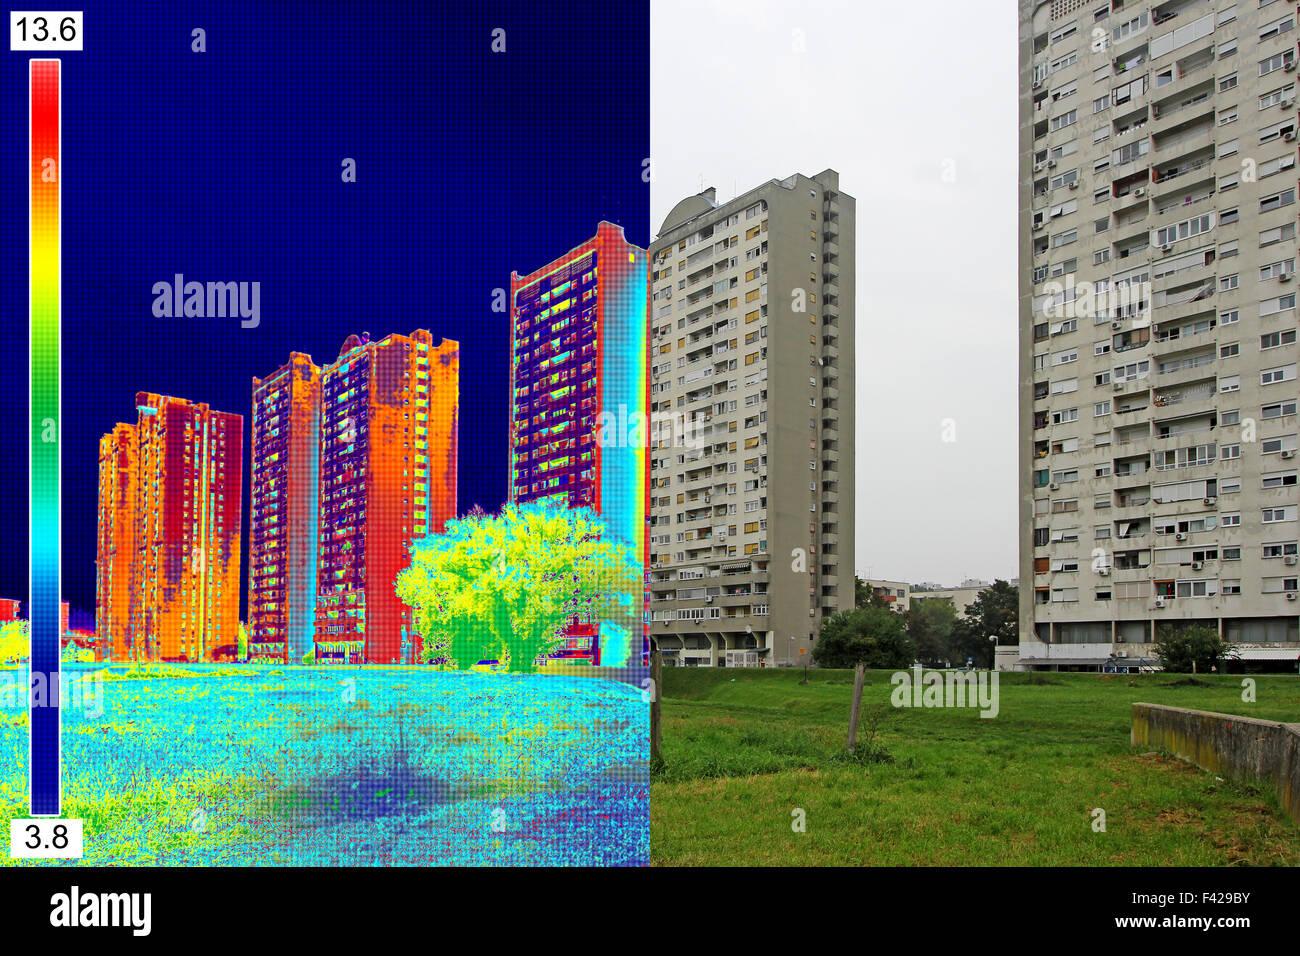 Immagini reali e a infrarossi che mostra la mancanza di isolamento termico su edificio residenziale Immagini Stock